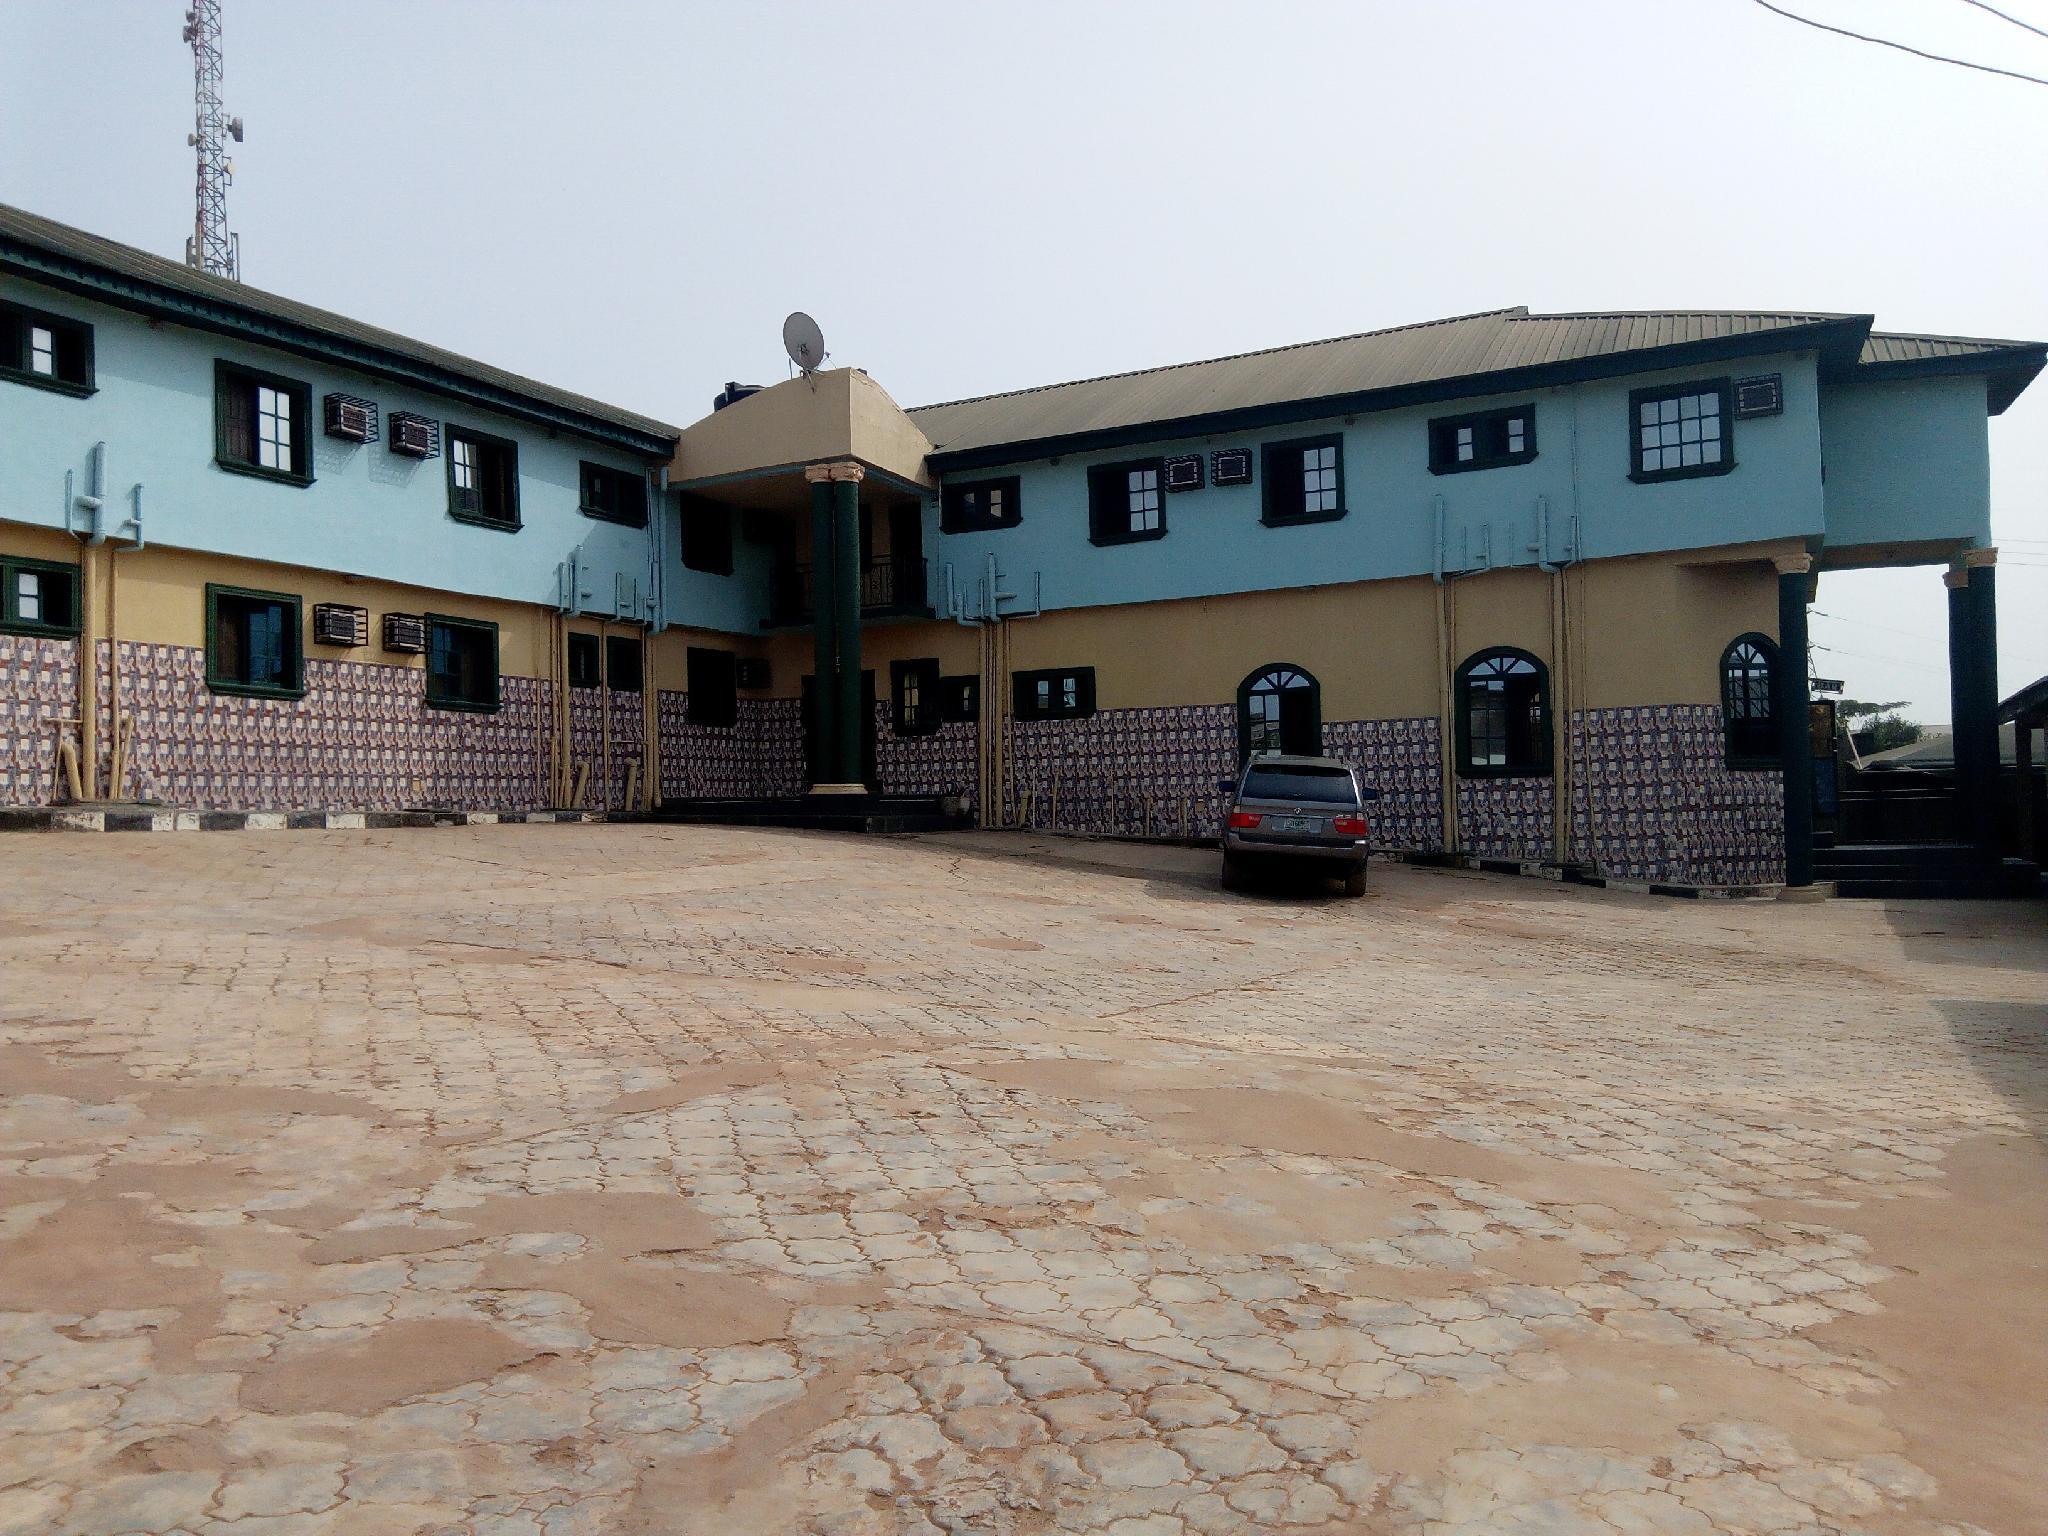 Adebayowa Hotel